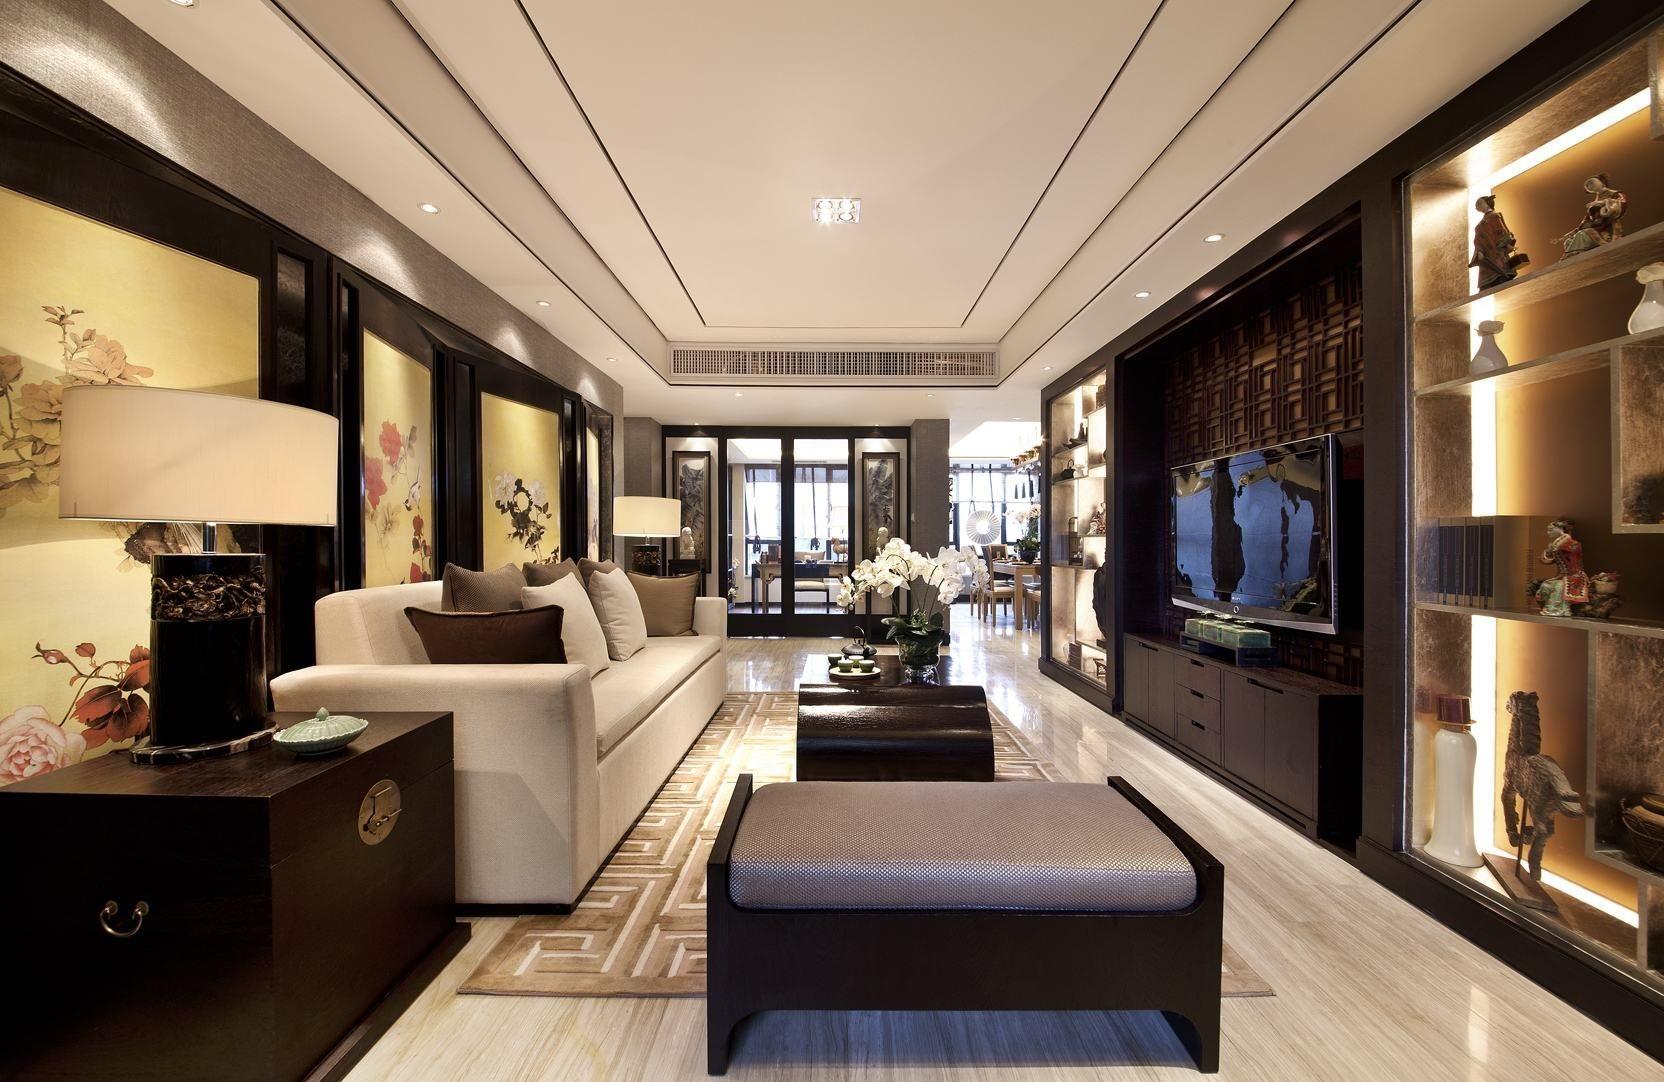 客厅宽敞温馨,沙发背景墙很好的展现中式风格装修的内涵。